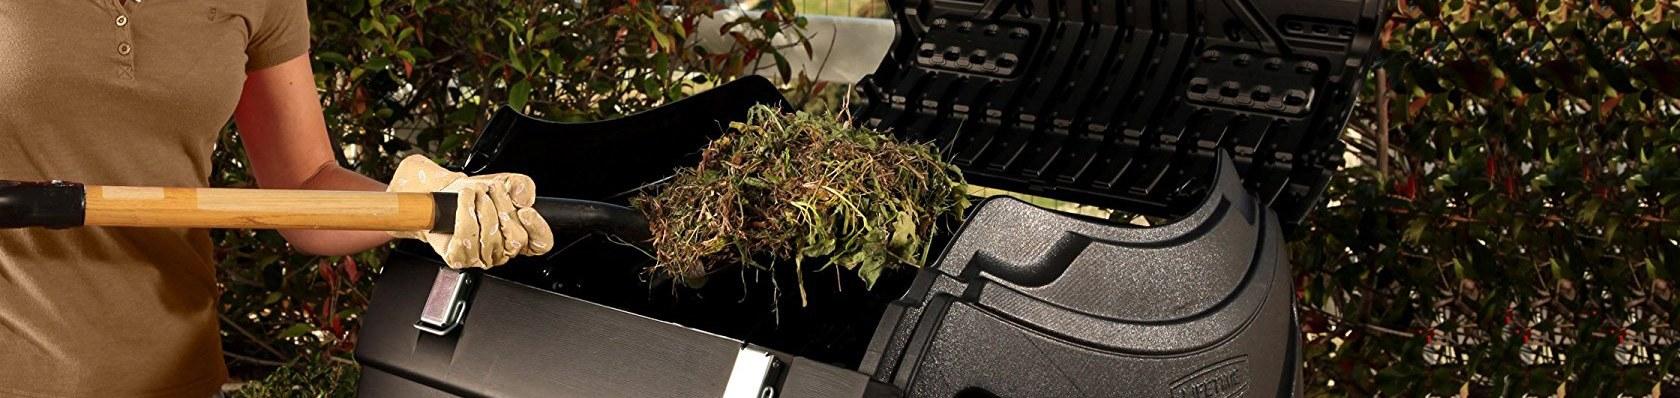 Komposter im Test auf ExpertenTesten.de